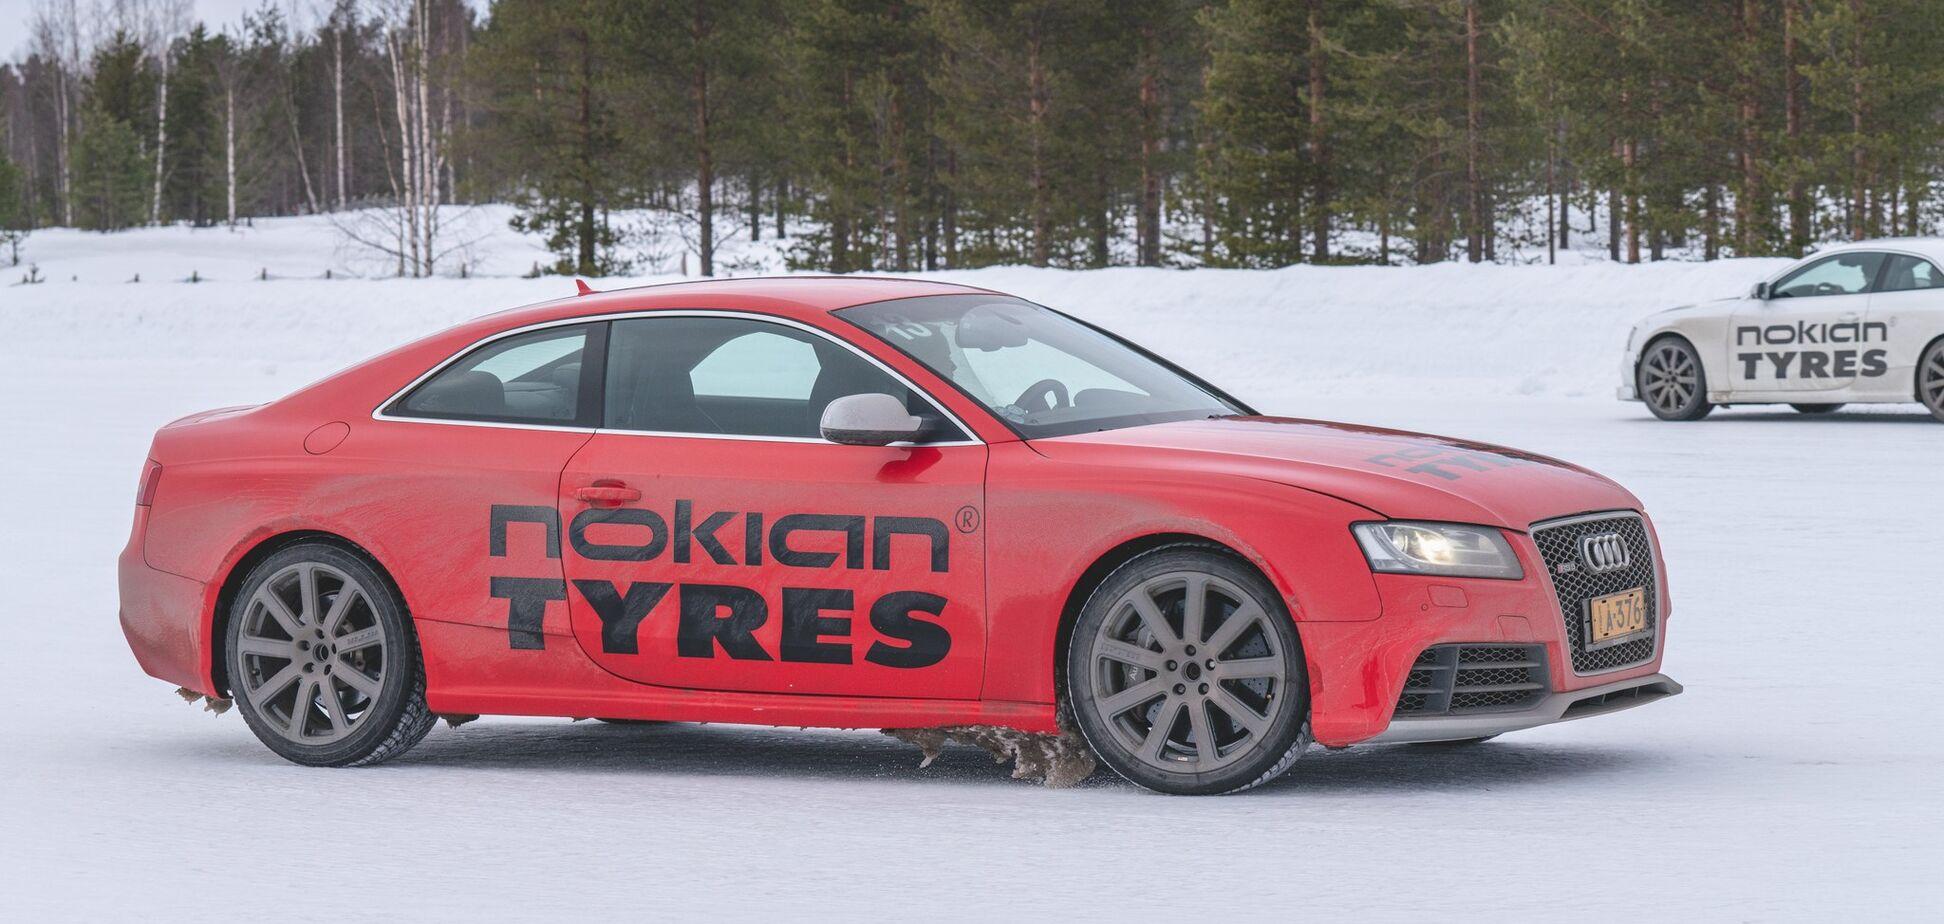 Nokian Tyres презентовала фрикционную зимнюю модель Nokian Snowproof P